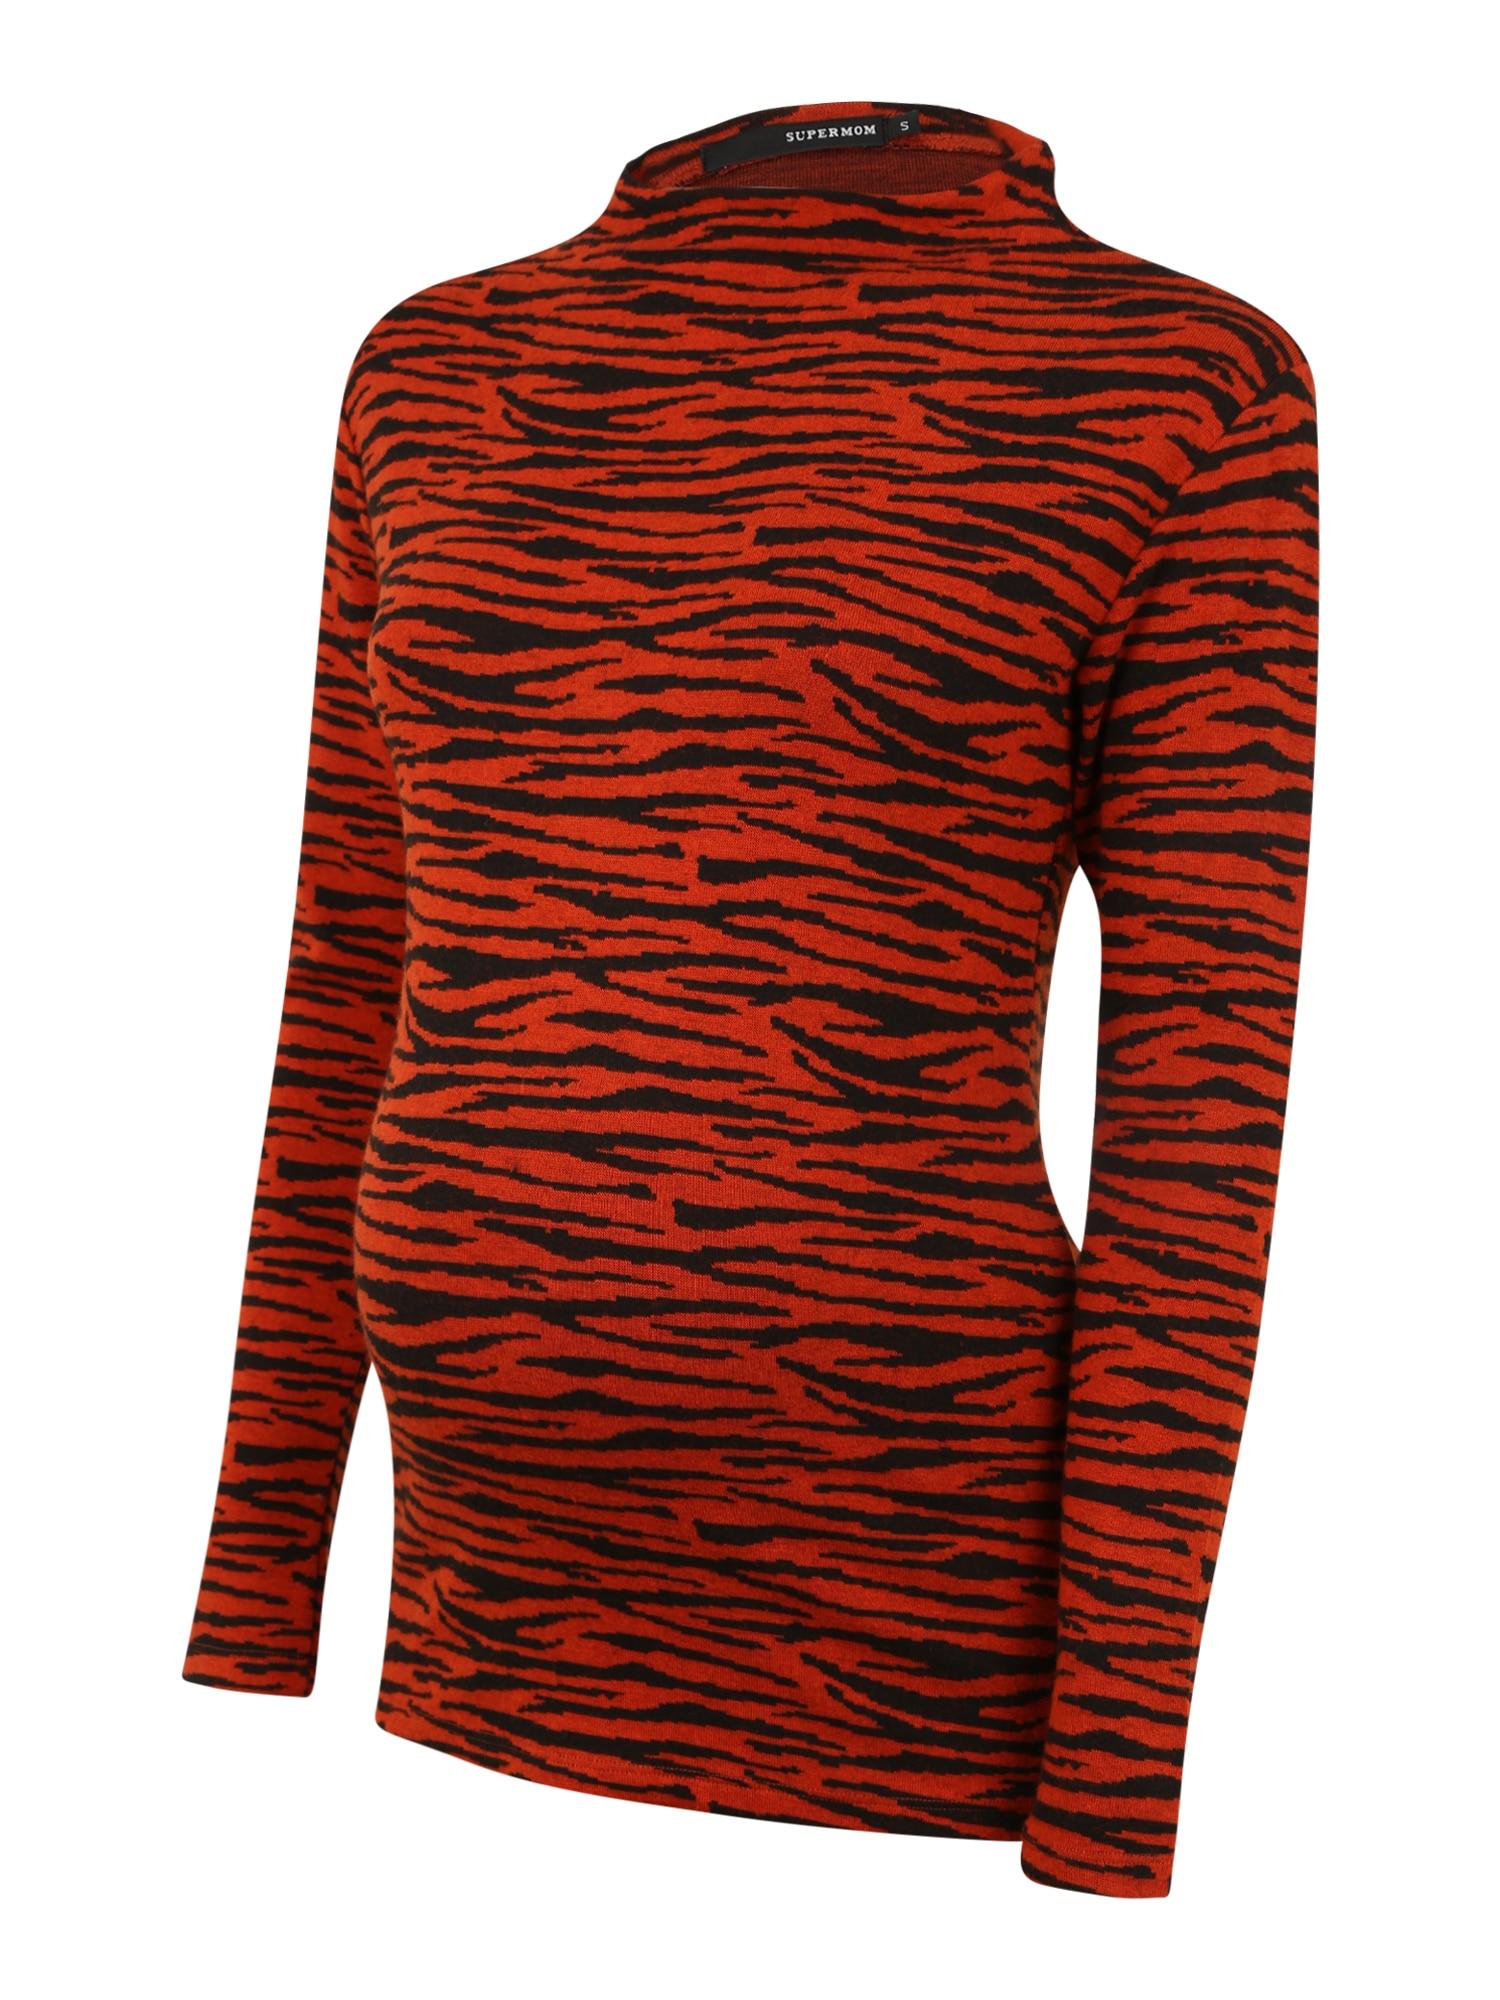 Supermom Marškinėliai raudona / juoda